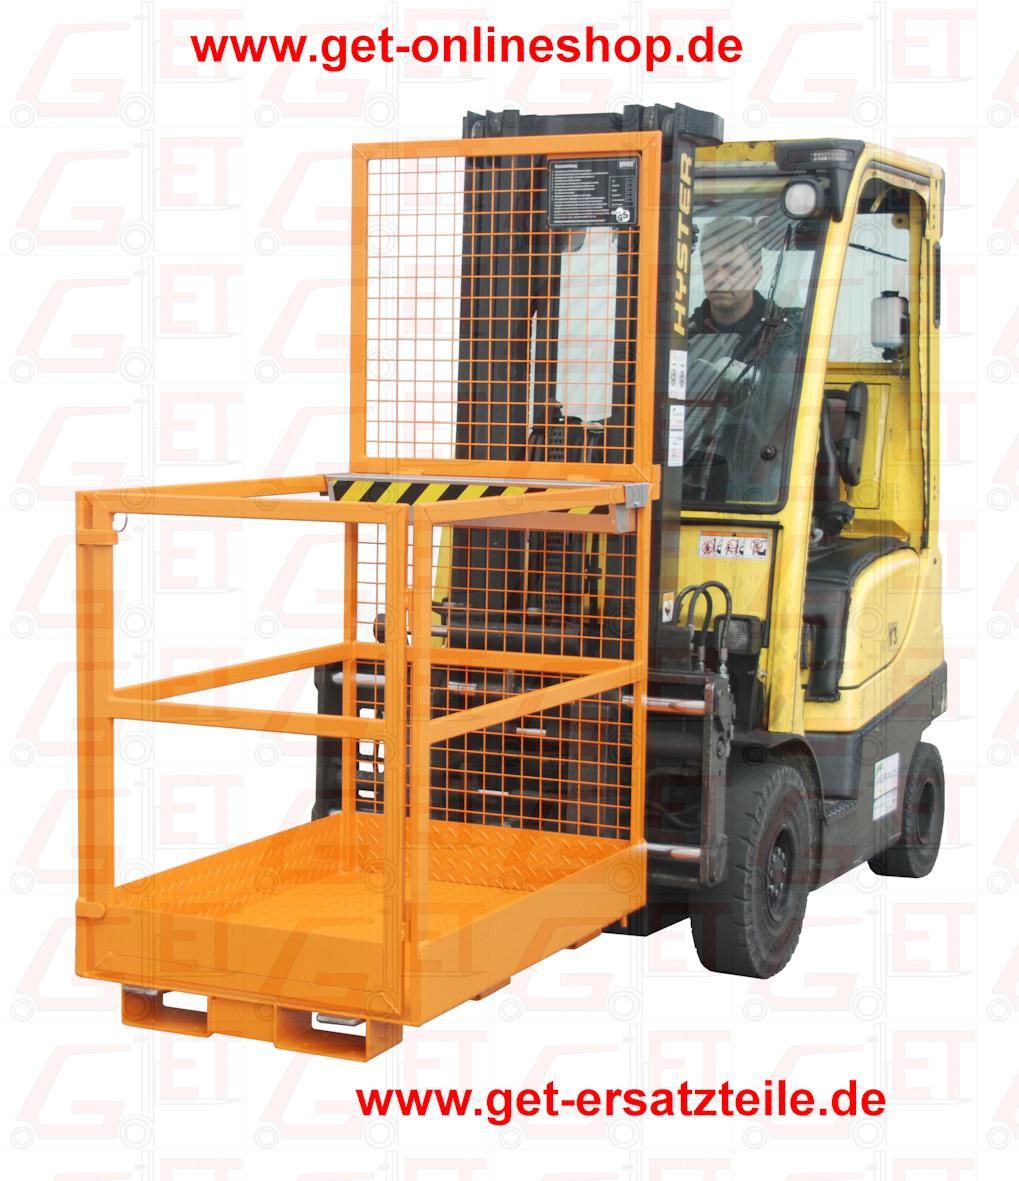 Arbeitskorb, Arbeitsbühne MB-L1 liefert GET Gabelstapler-Ersatzteile & Transportgeräte schnell und günstig. Besuchen Sie unseren Onlineshop unter www.get-onlineshop.de